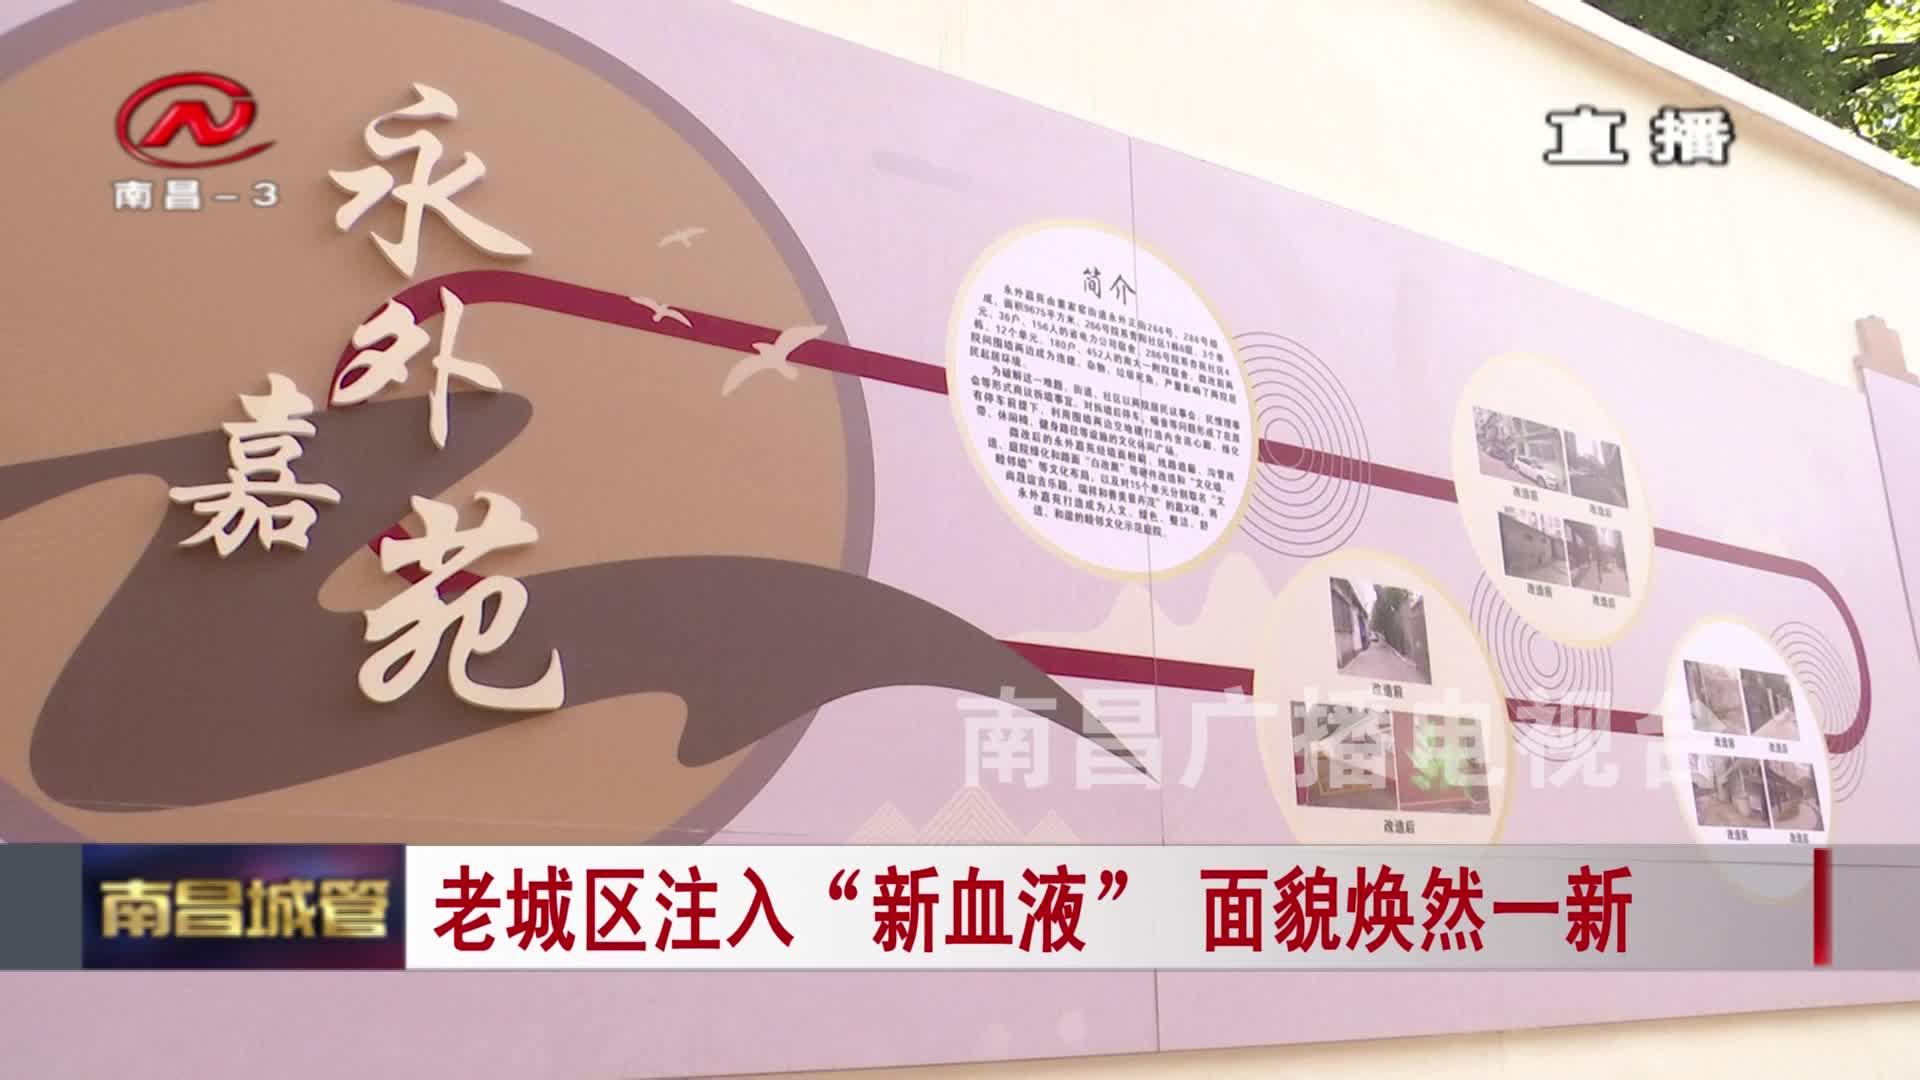 """【城管新聞】老城區注入""""新血液"""" 面貌煥然一新"""